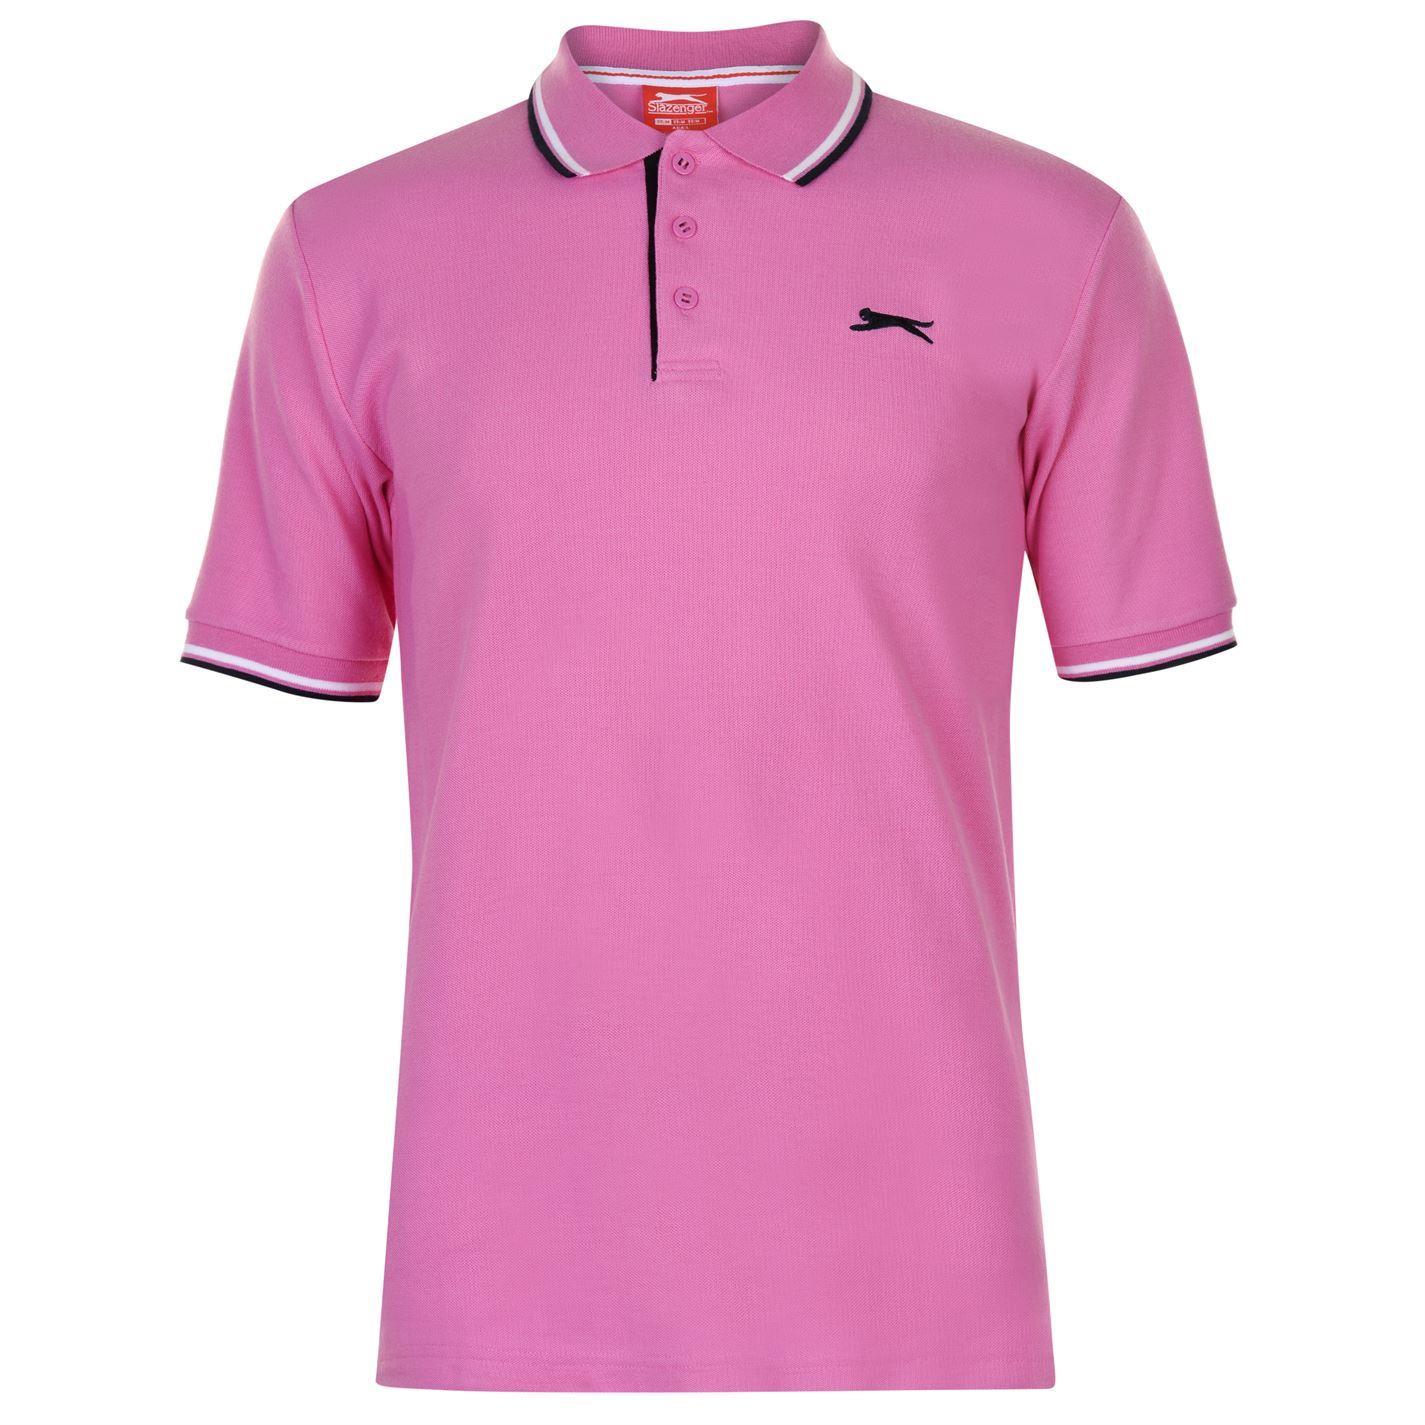 Slazenger-Polo-Camisa-de-hombre-con-cuello-con-Punta-T-Shirt-Top-Camiseta-Tee miniatura 24